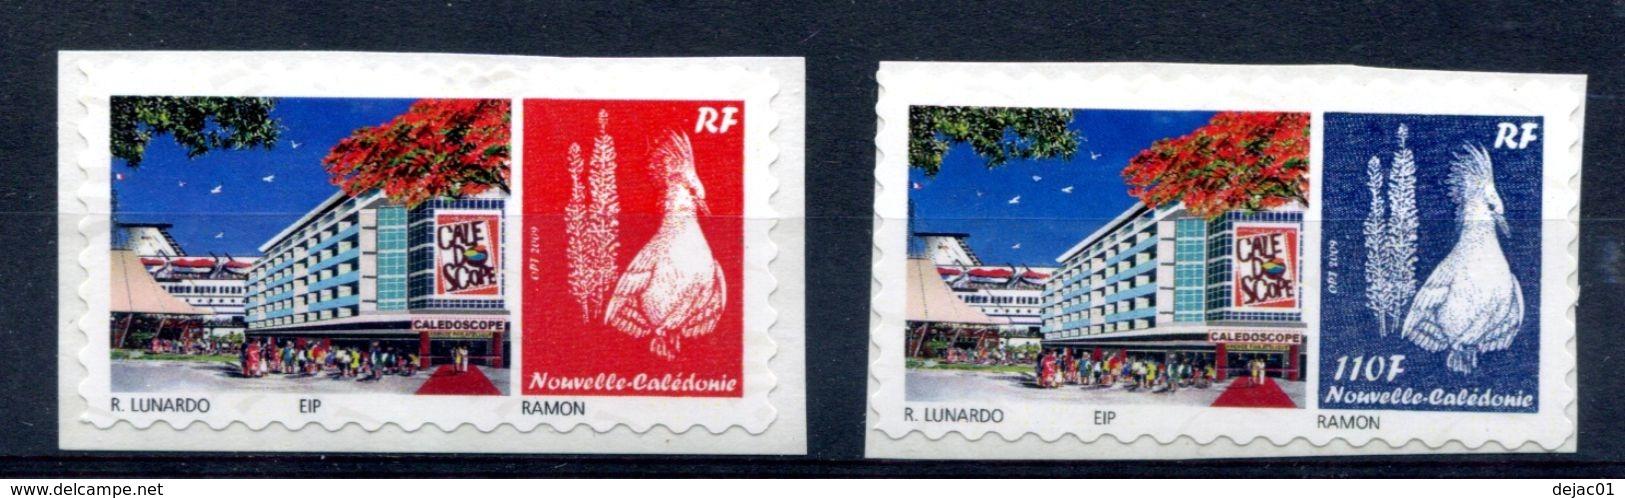 Nouvelle Calédonie - Personnalié 1187A & 1187B - T 660 - Nuevos